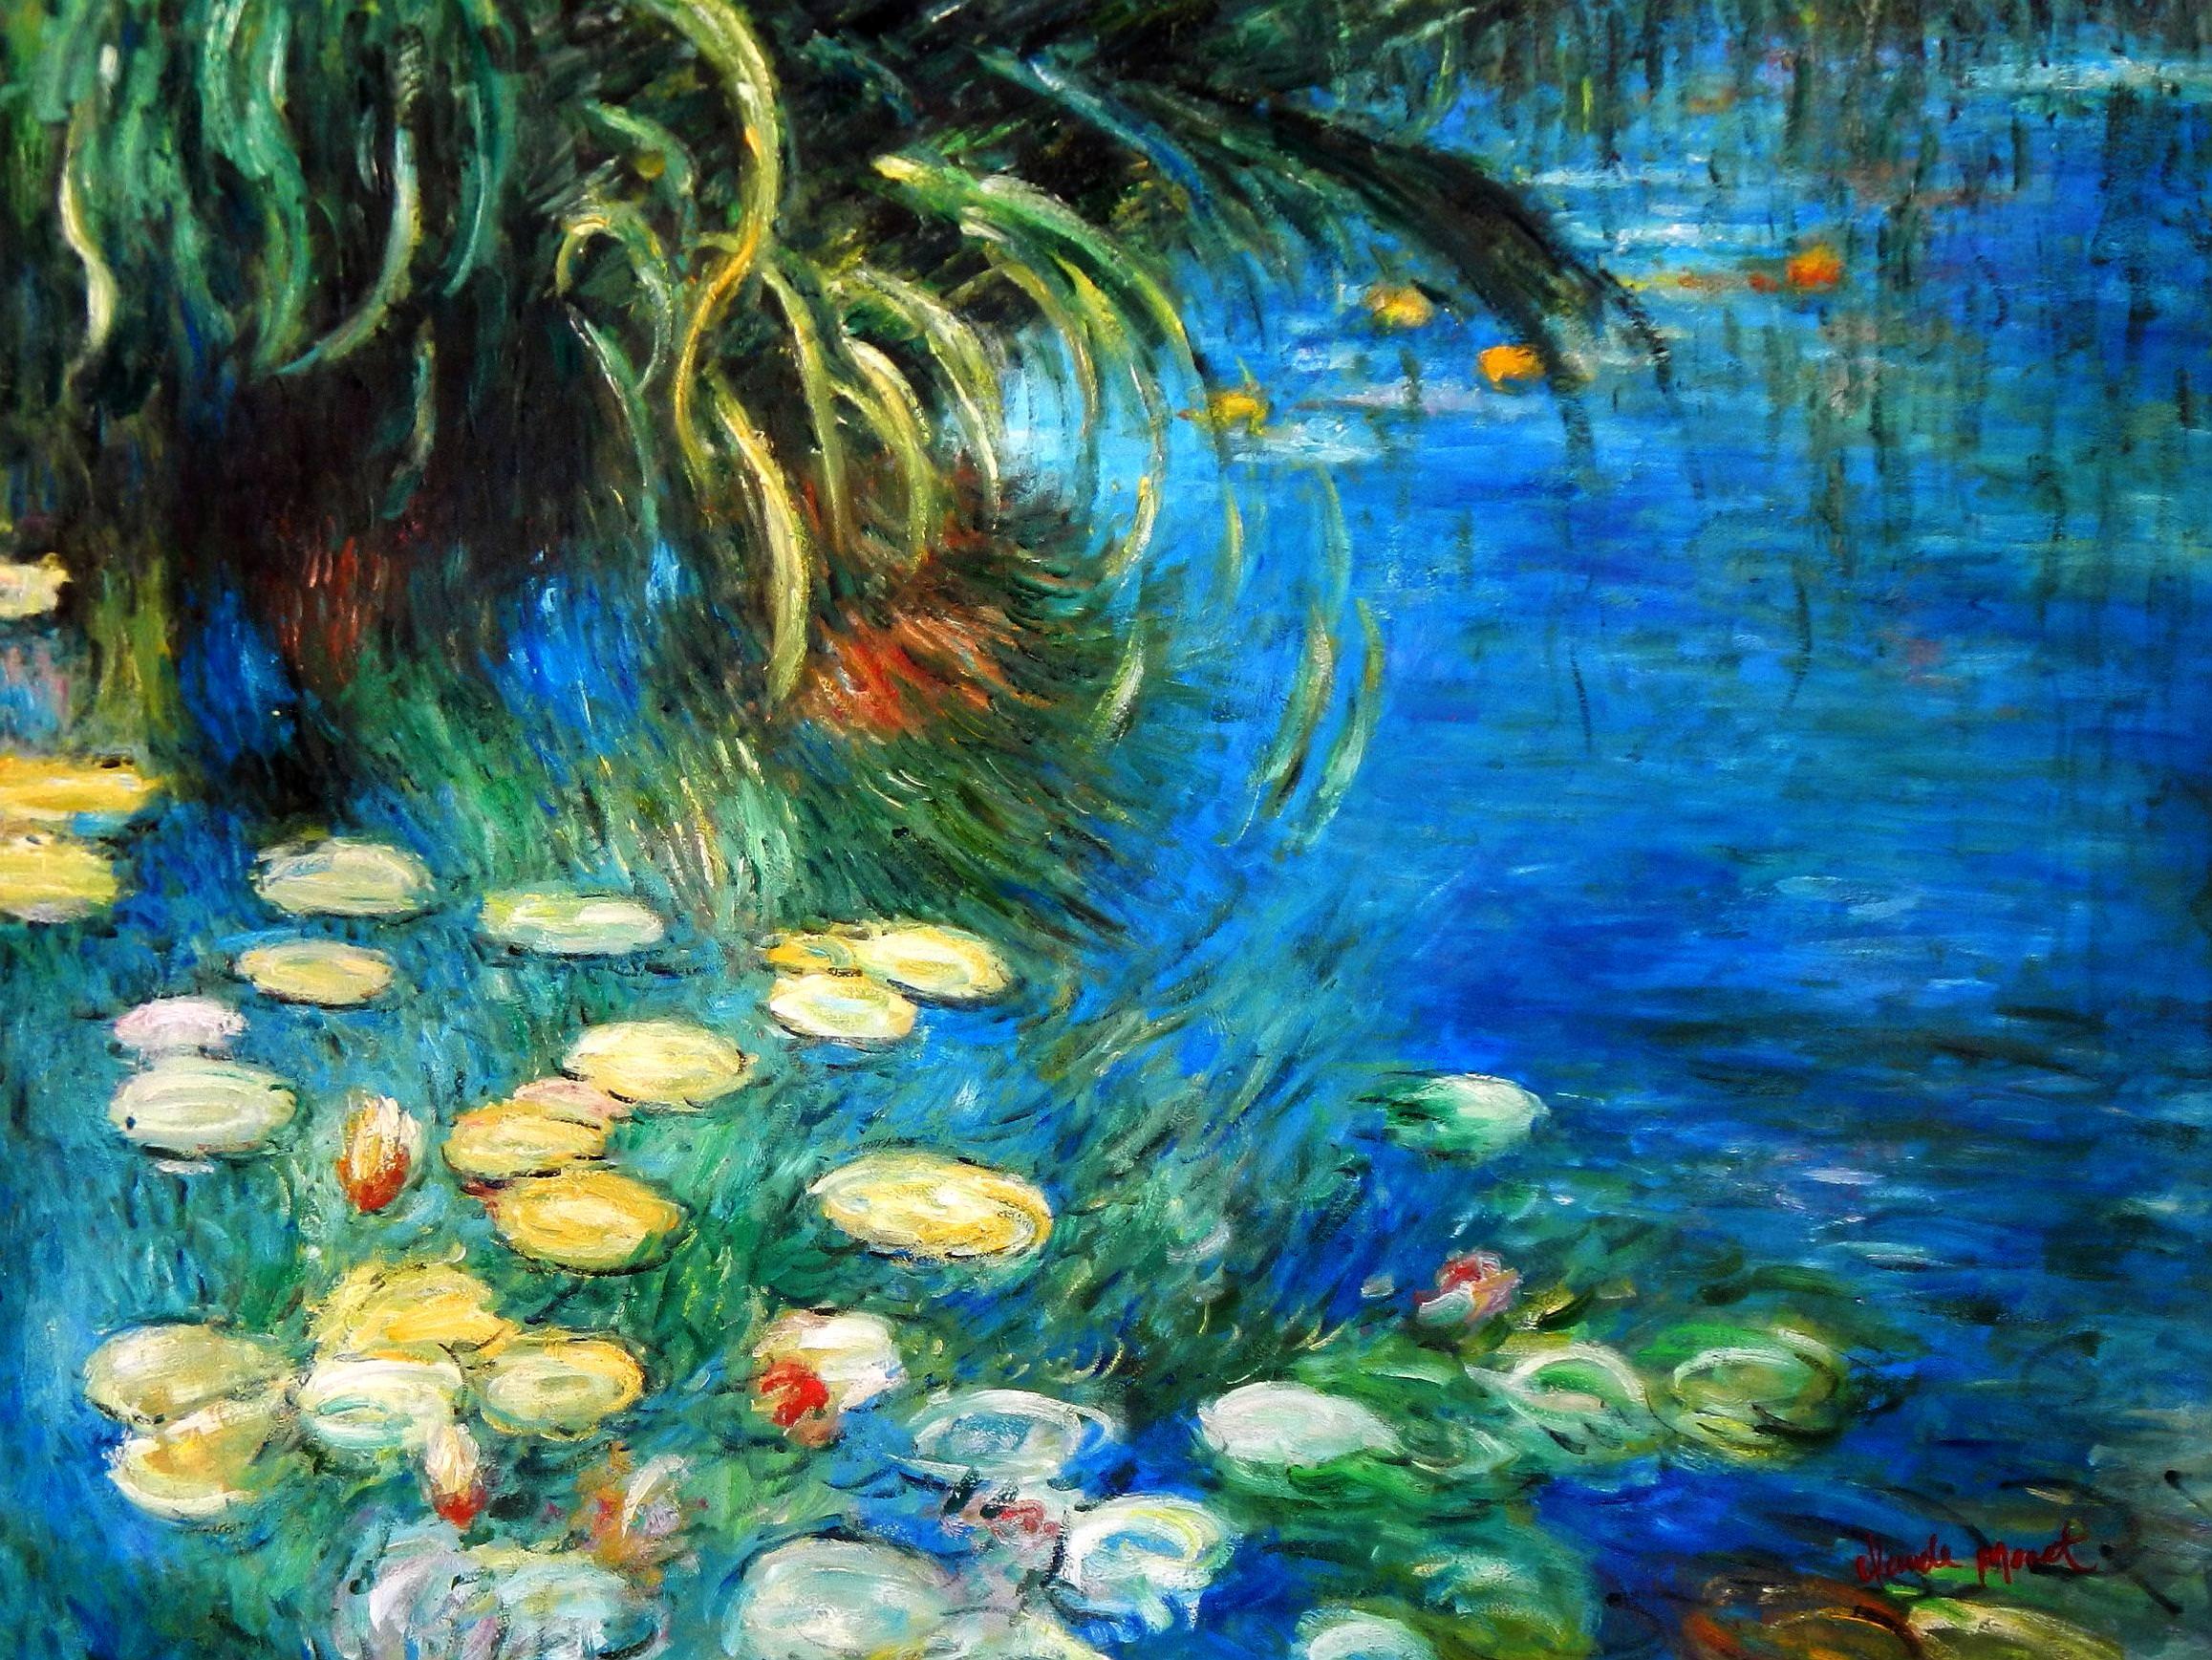 Claude Monet - Seerosen und Schilf k94062 90x120cm Ölgemälde handgemalt